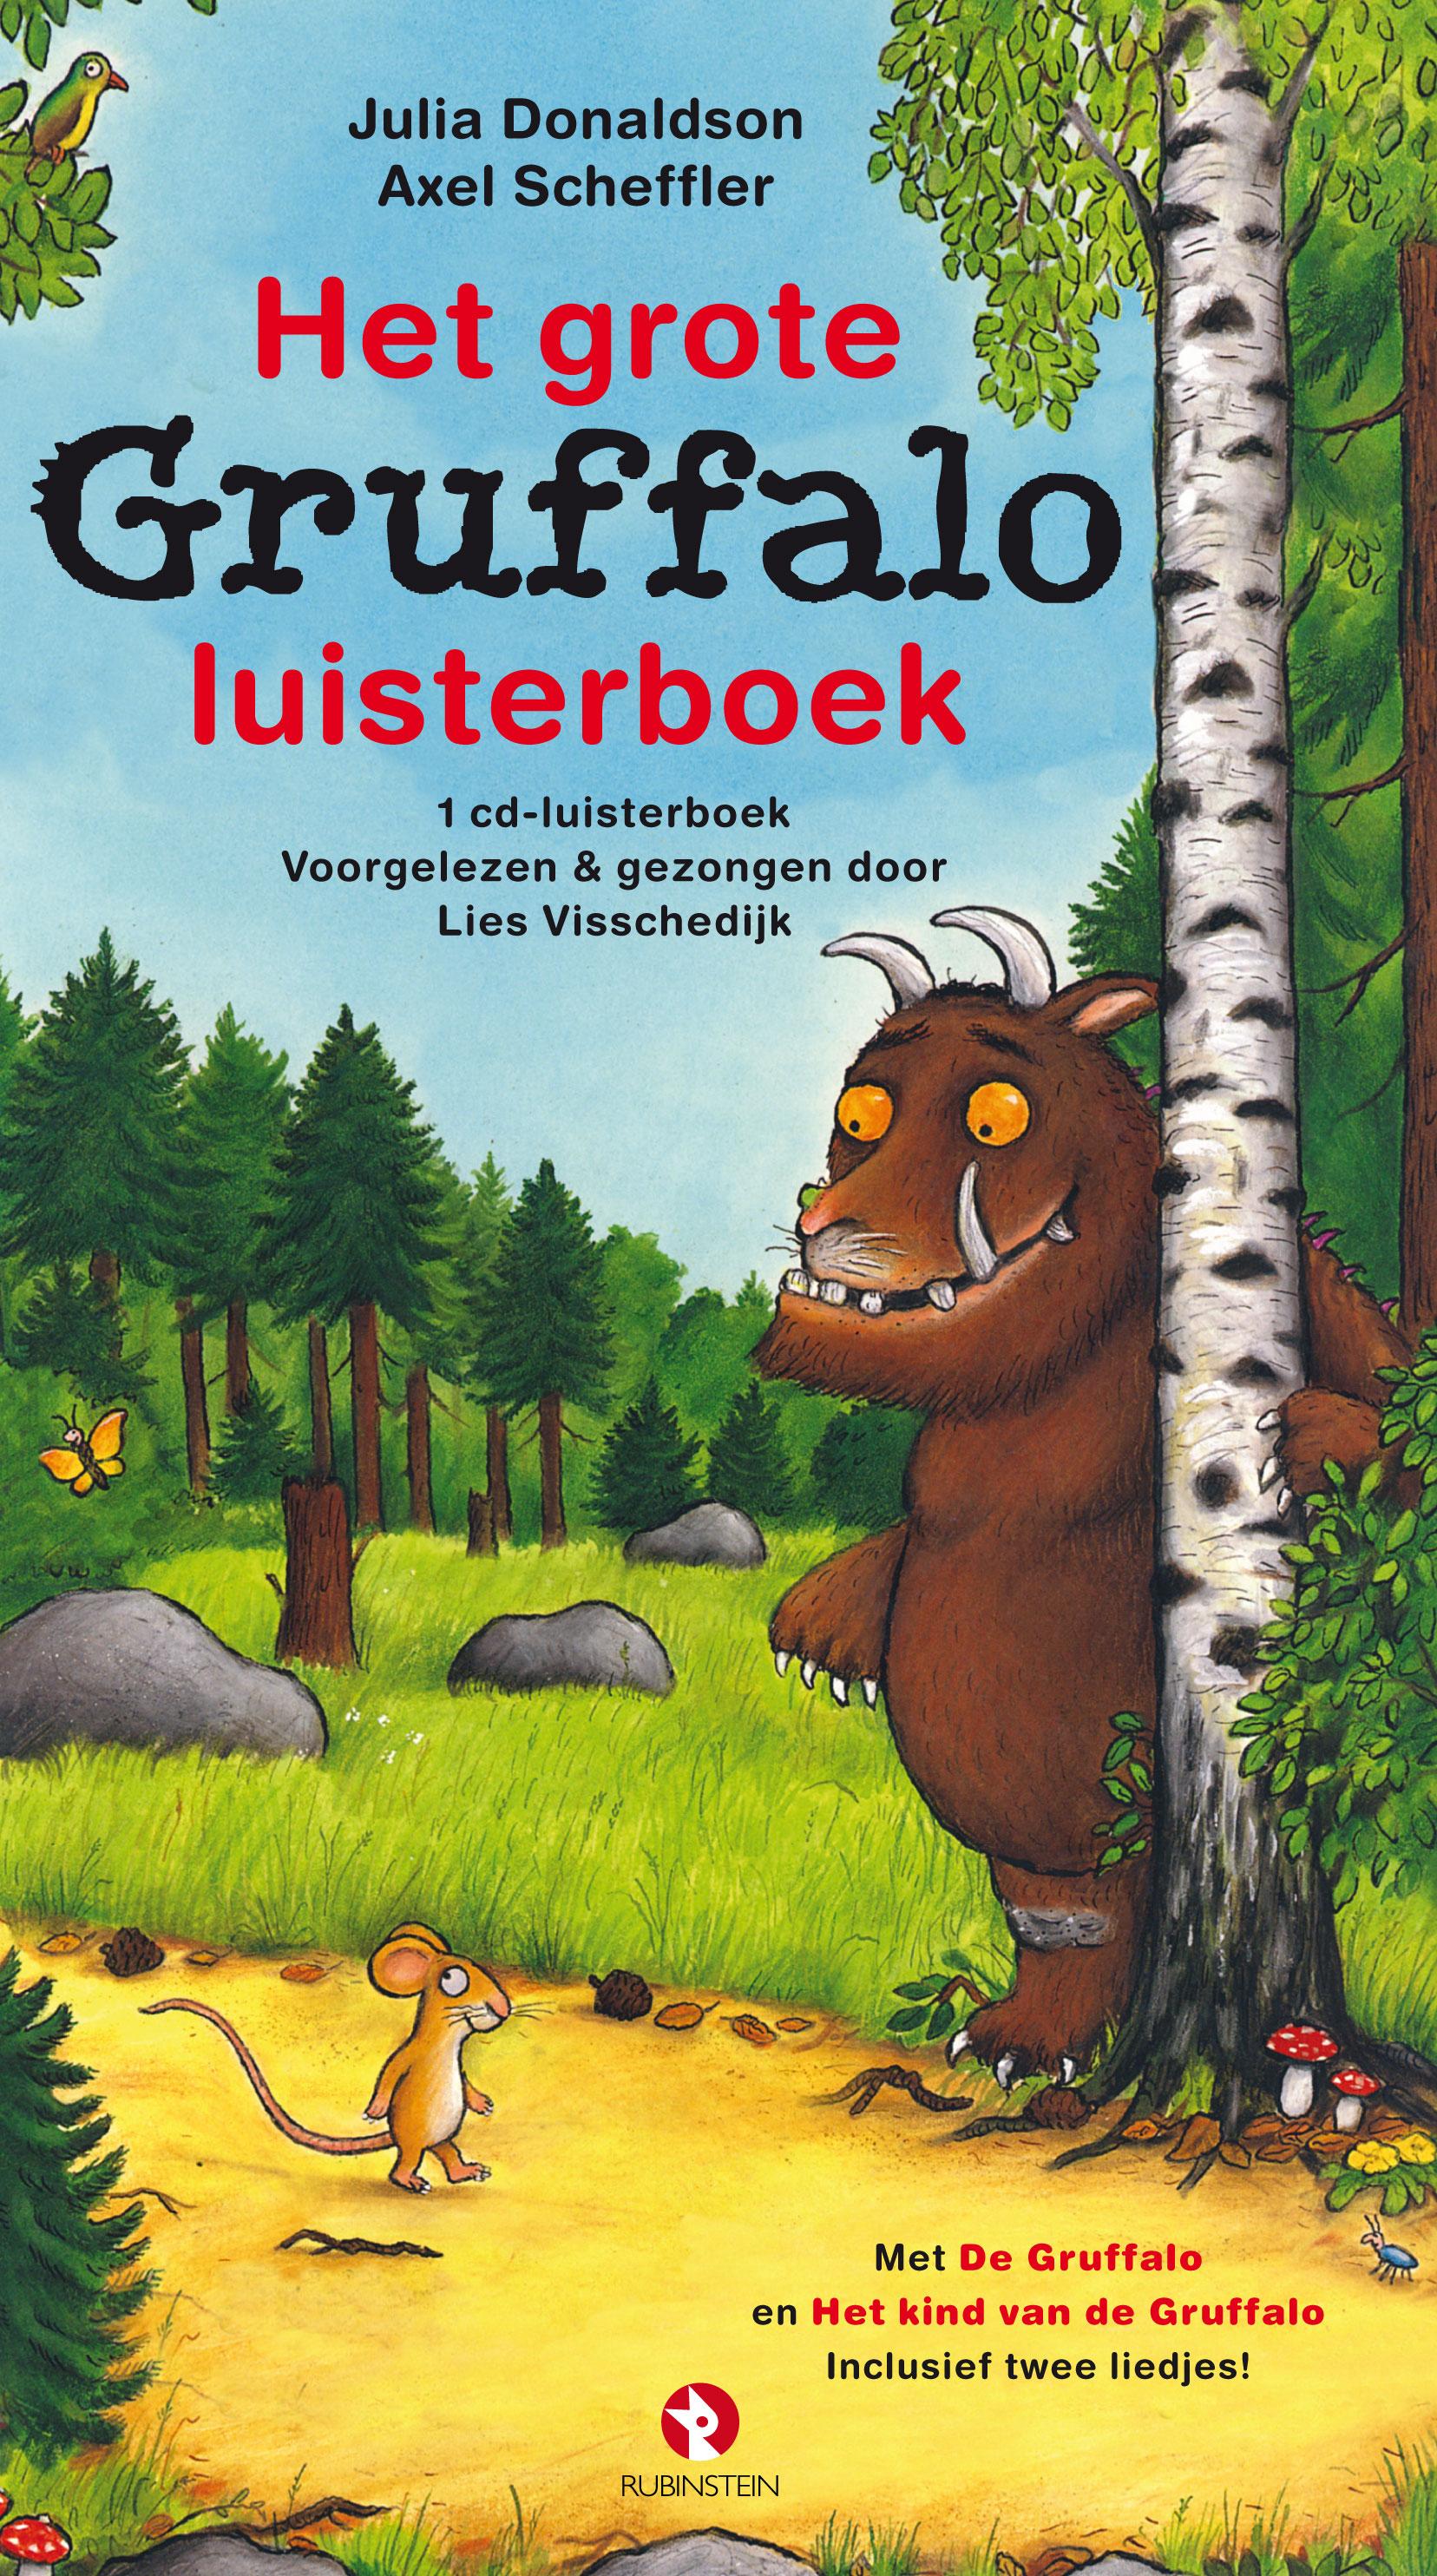 Grote Gruffalo luisterboek, het Boek omslag